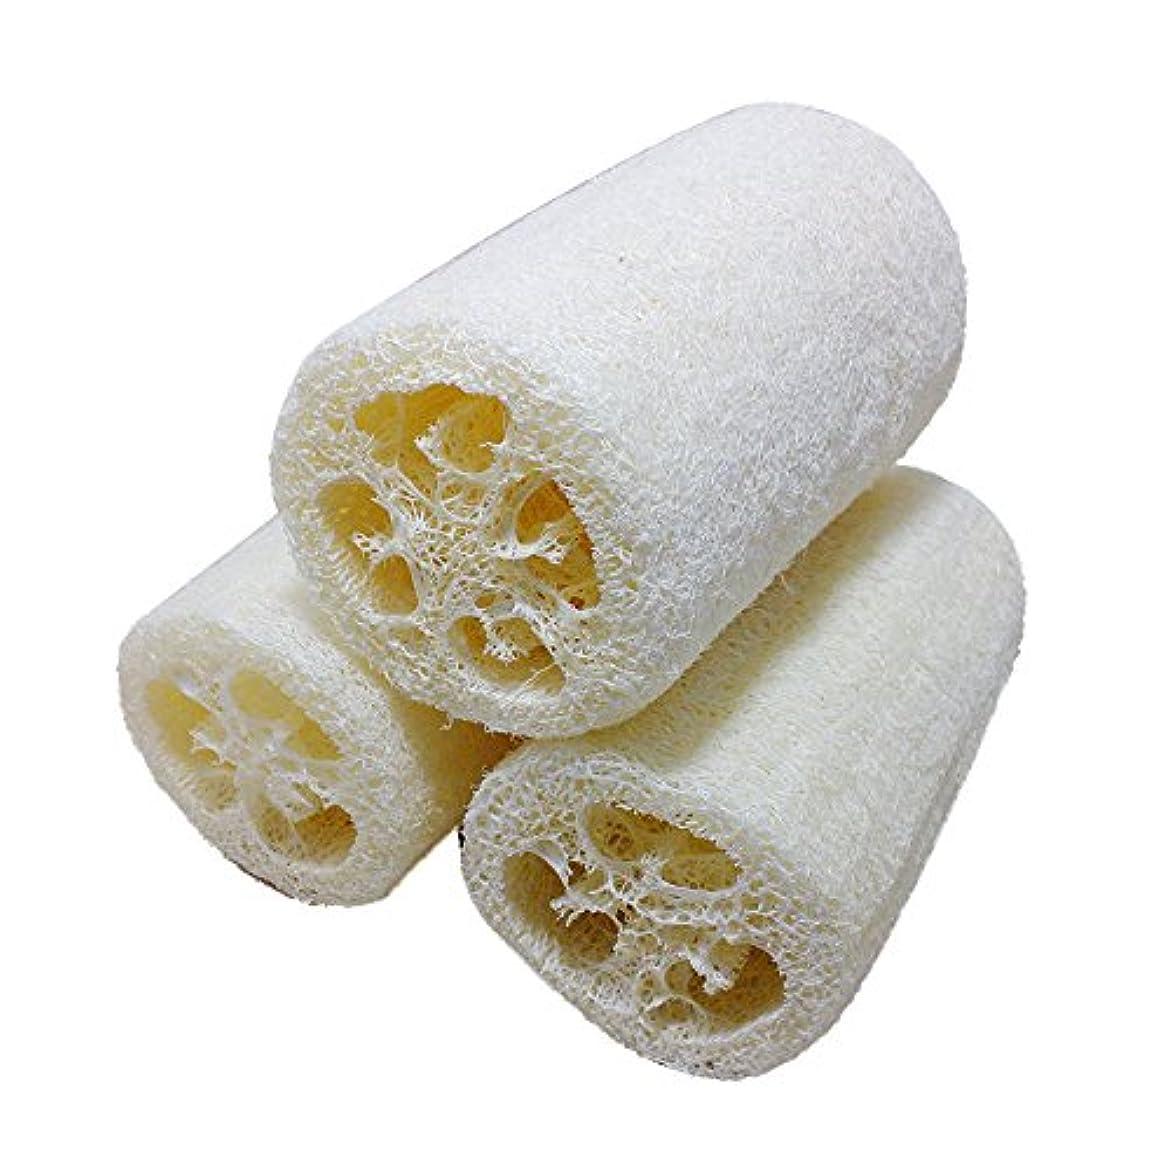 天然ヘチマ ボディスポンジ シャワースポンジ ボディブラシ シャワーブラシ 入浴 風呂スポンジ 角質海綿 全身美容 新陳代謝を促進 角質除去 マッサージ SPA ルーファ ボディウォッシュボール (3pc)